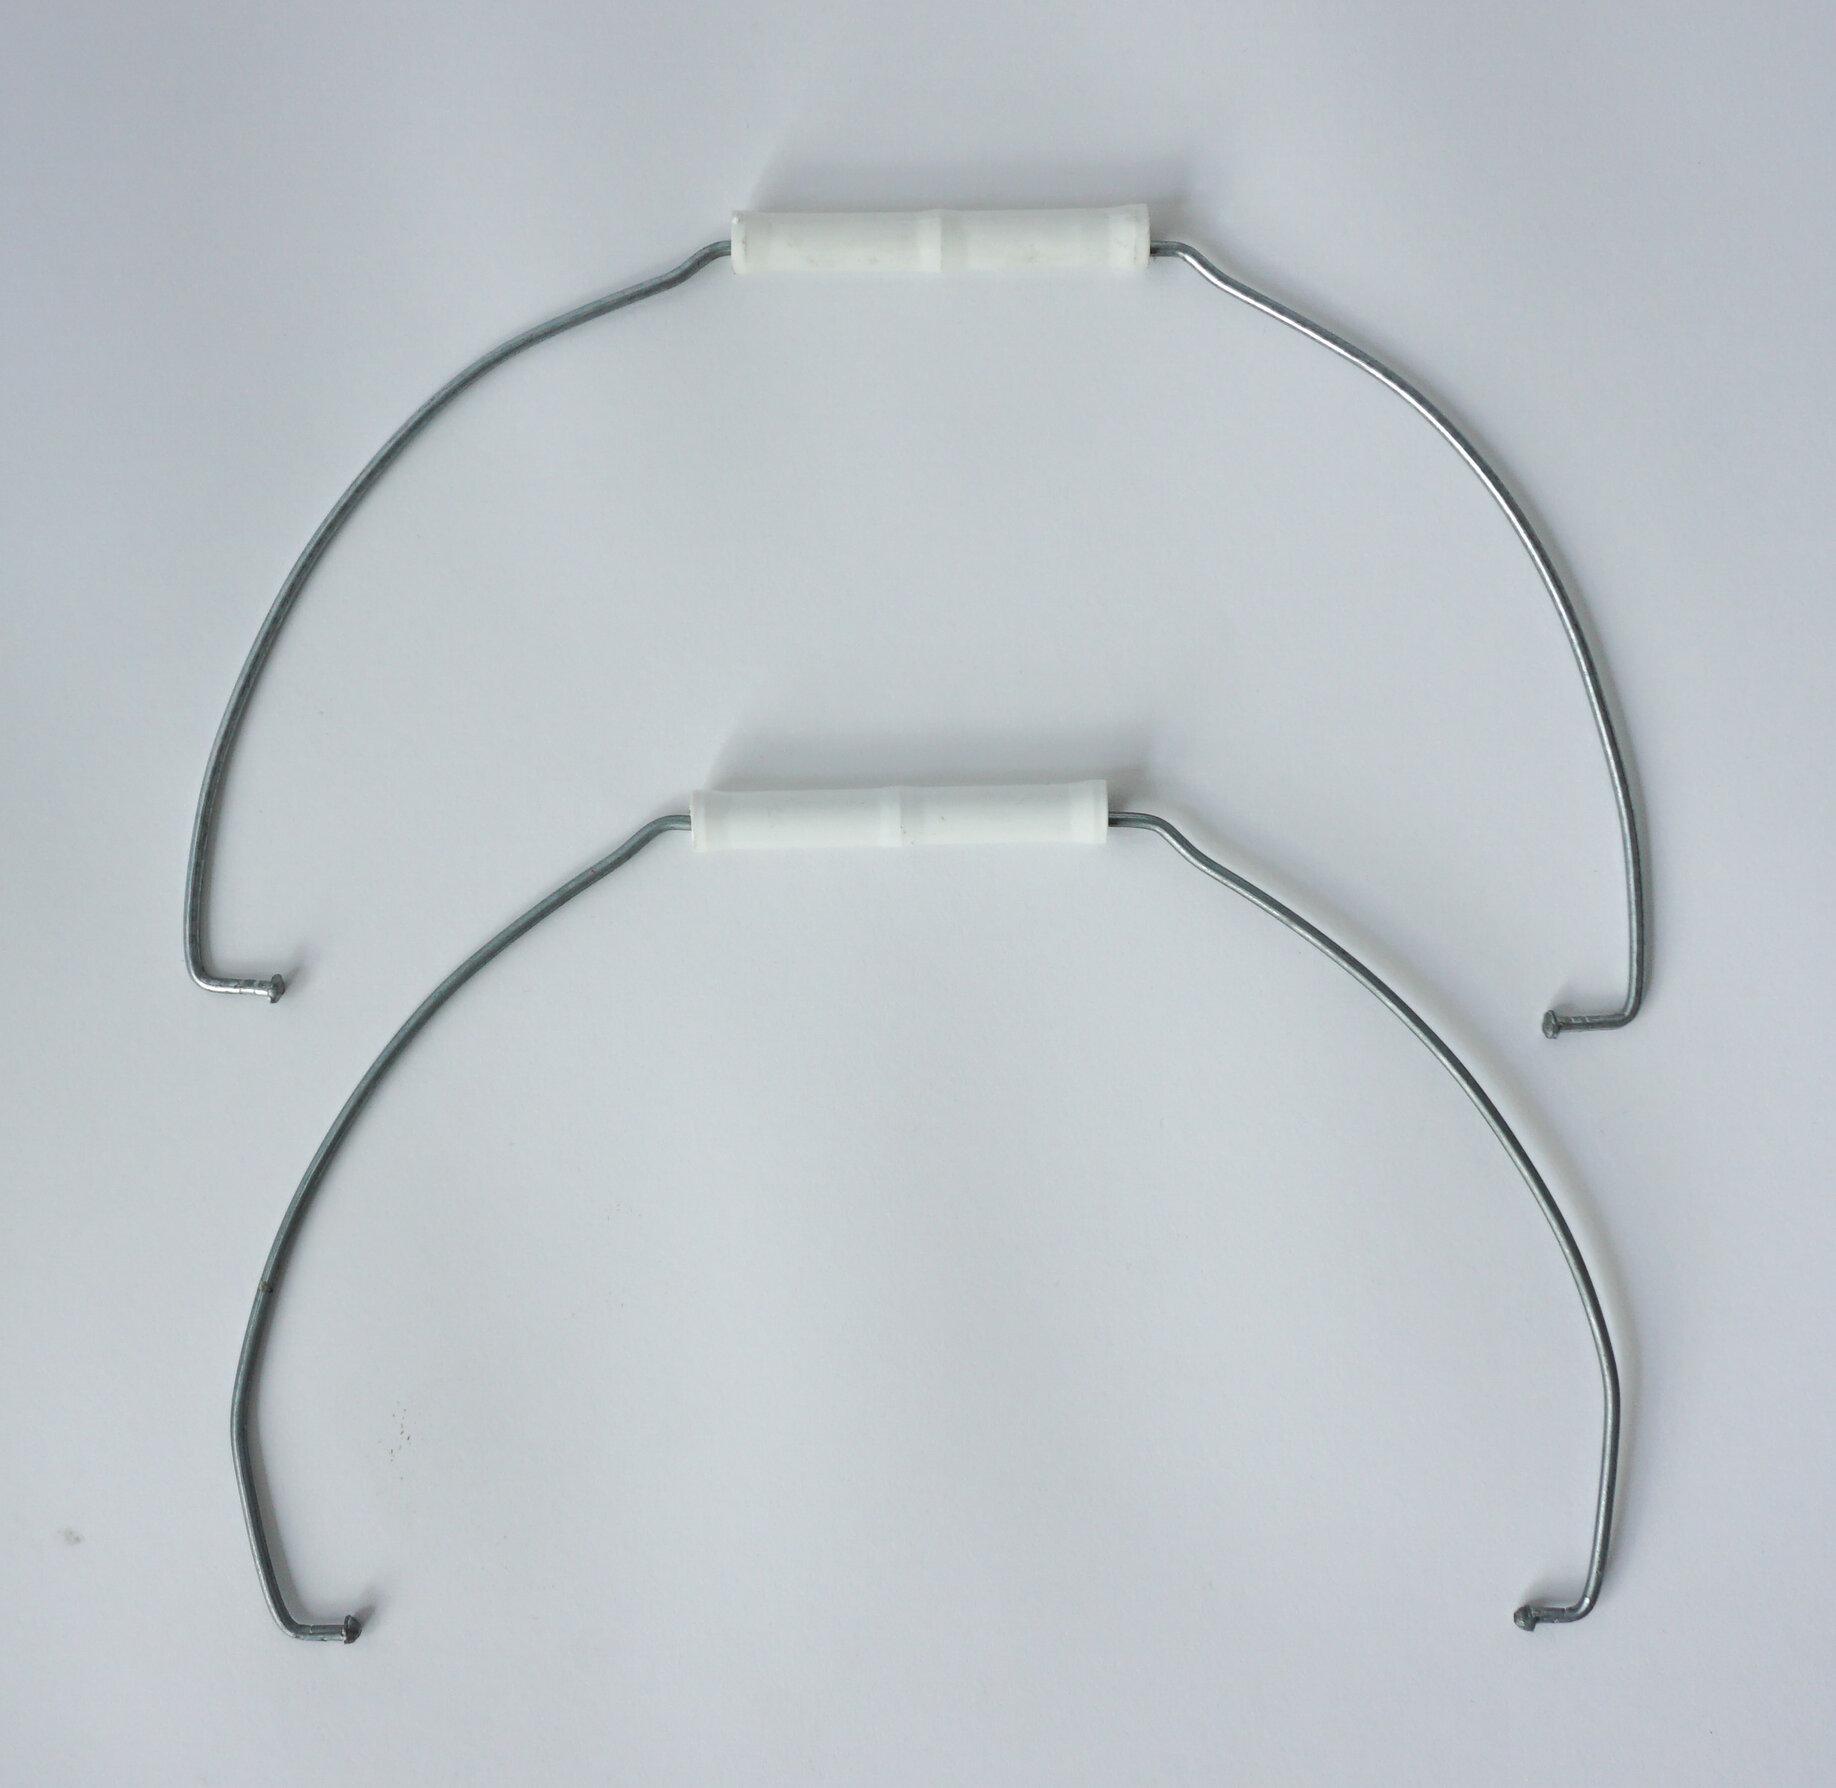 Ручка для пластикового ведра, контейнера (ведра из полипропилена, полиэтилена, контейнера, банки пластмассовой) от 5 до 20 литров